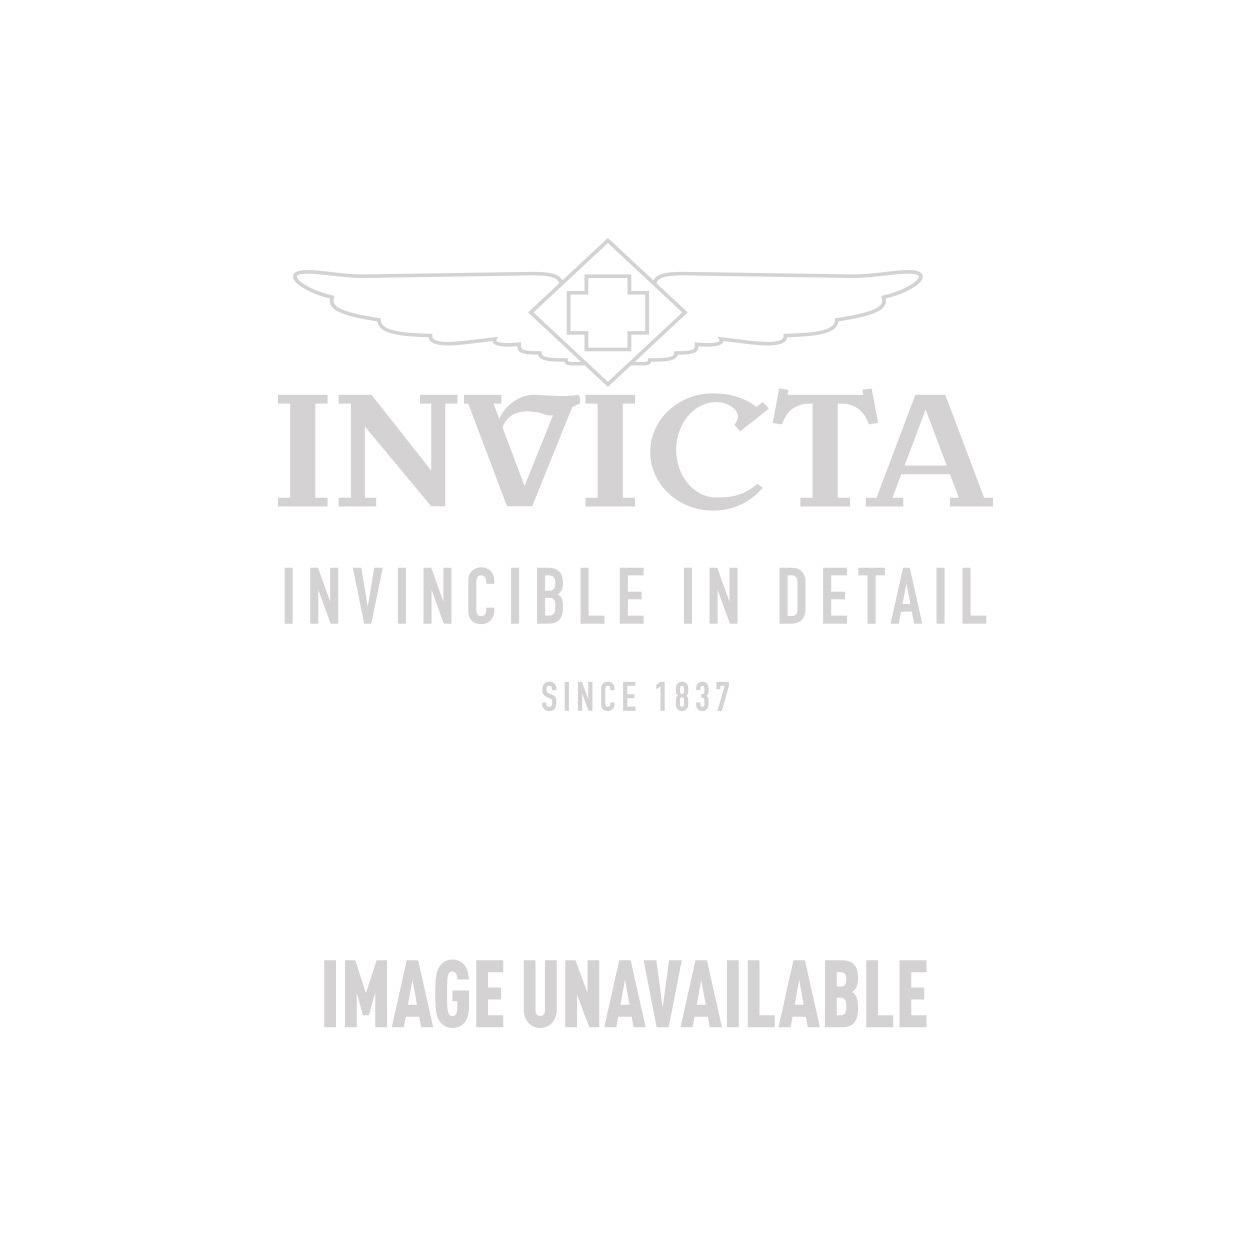 Invicta Model 24792